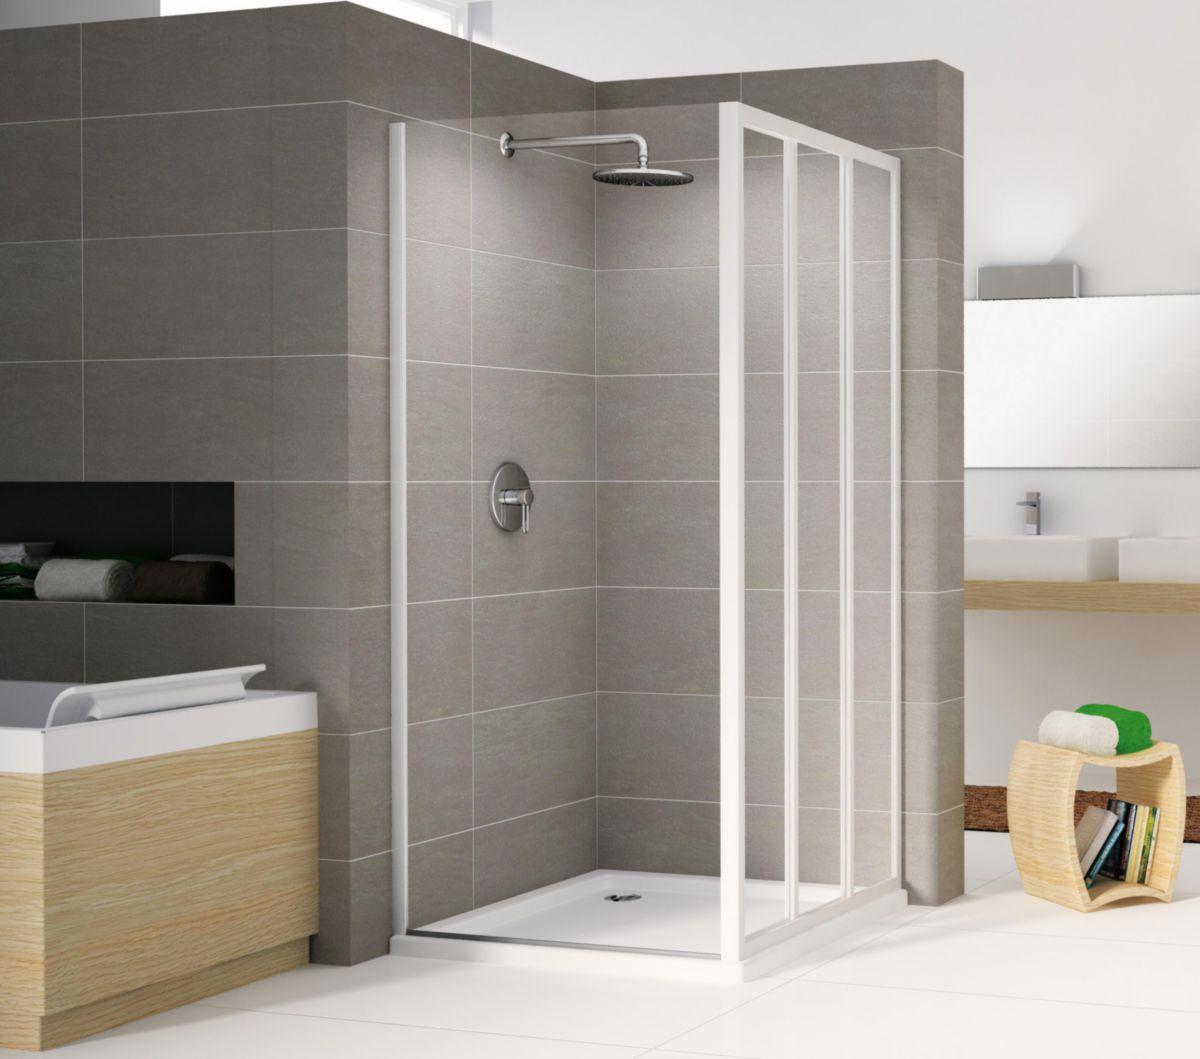 paroi de douche riviera f 80 78 cm extensible jusqu 39 82 cm fixe pour pose avec une porte en. Black Bedroom Furniture Sets. Home Design Ideas